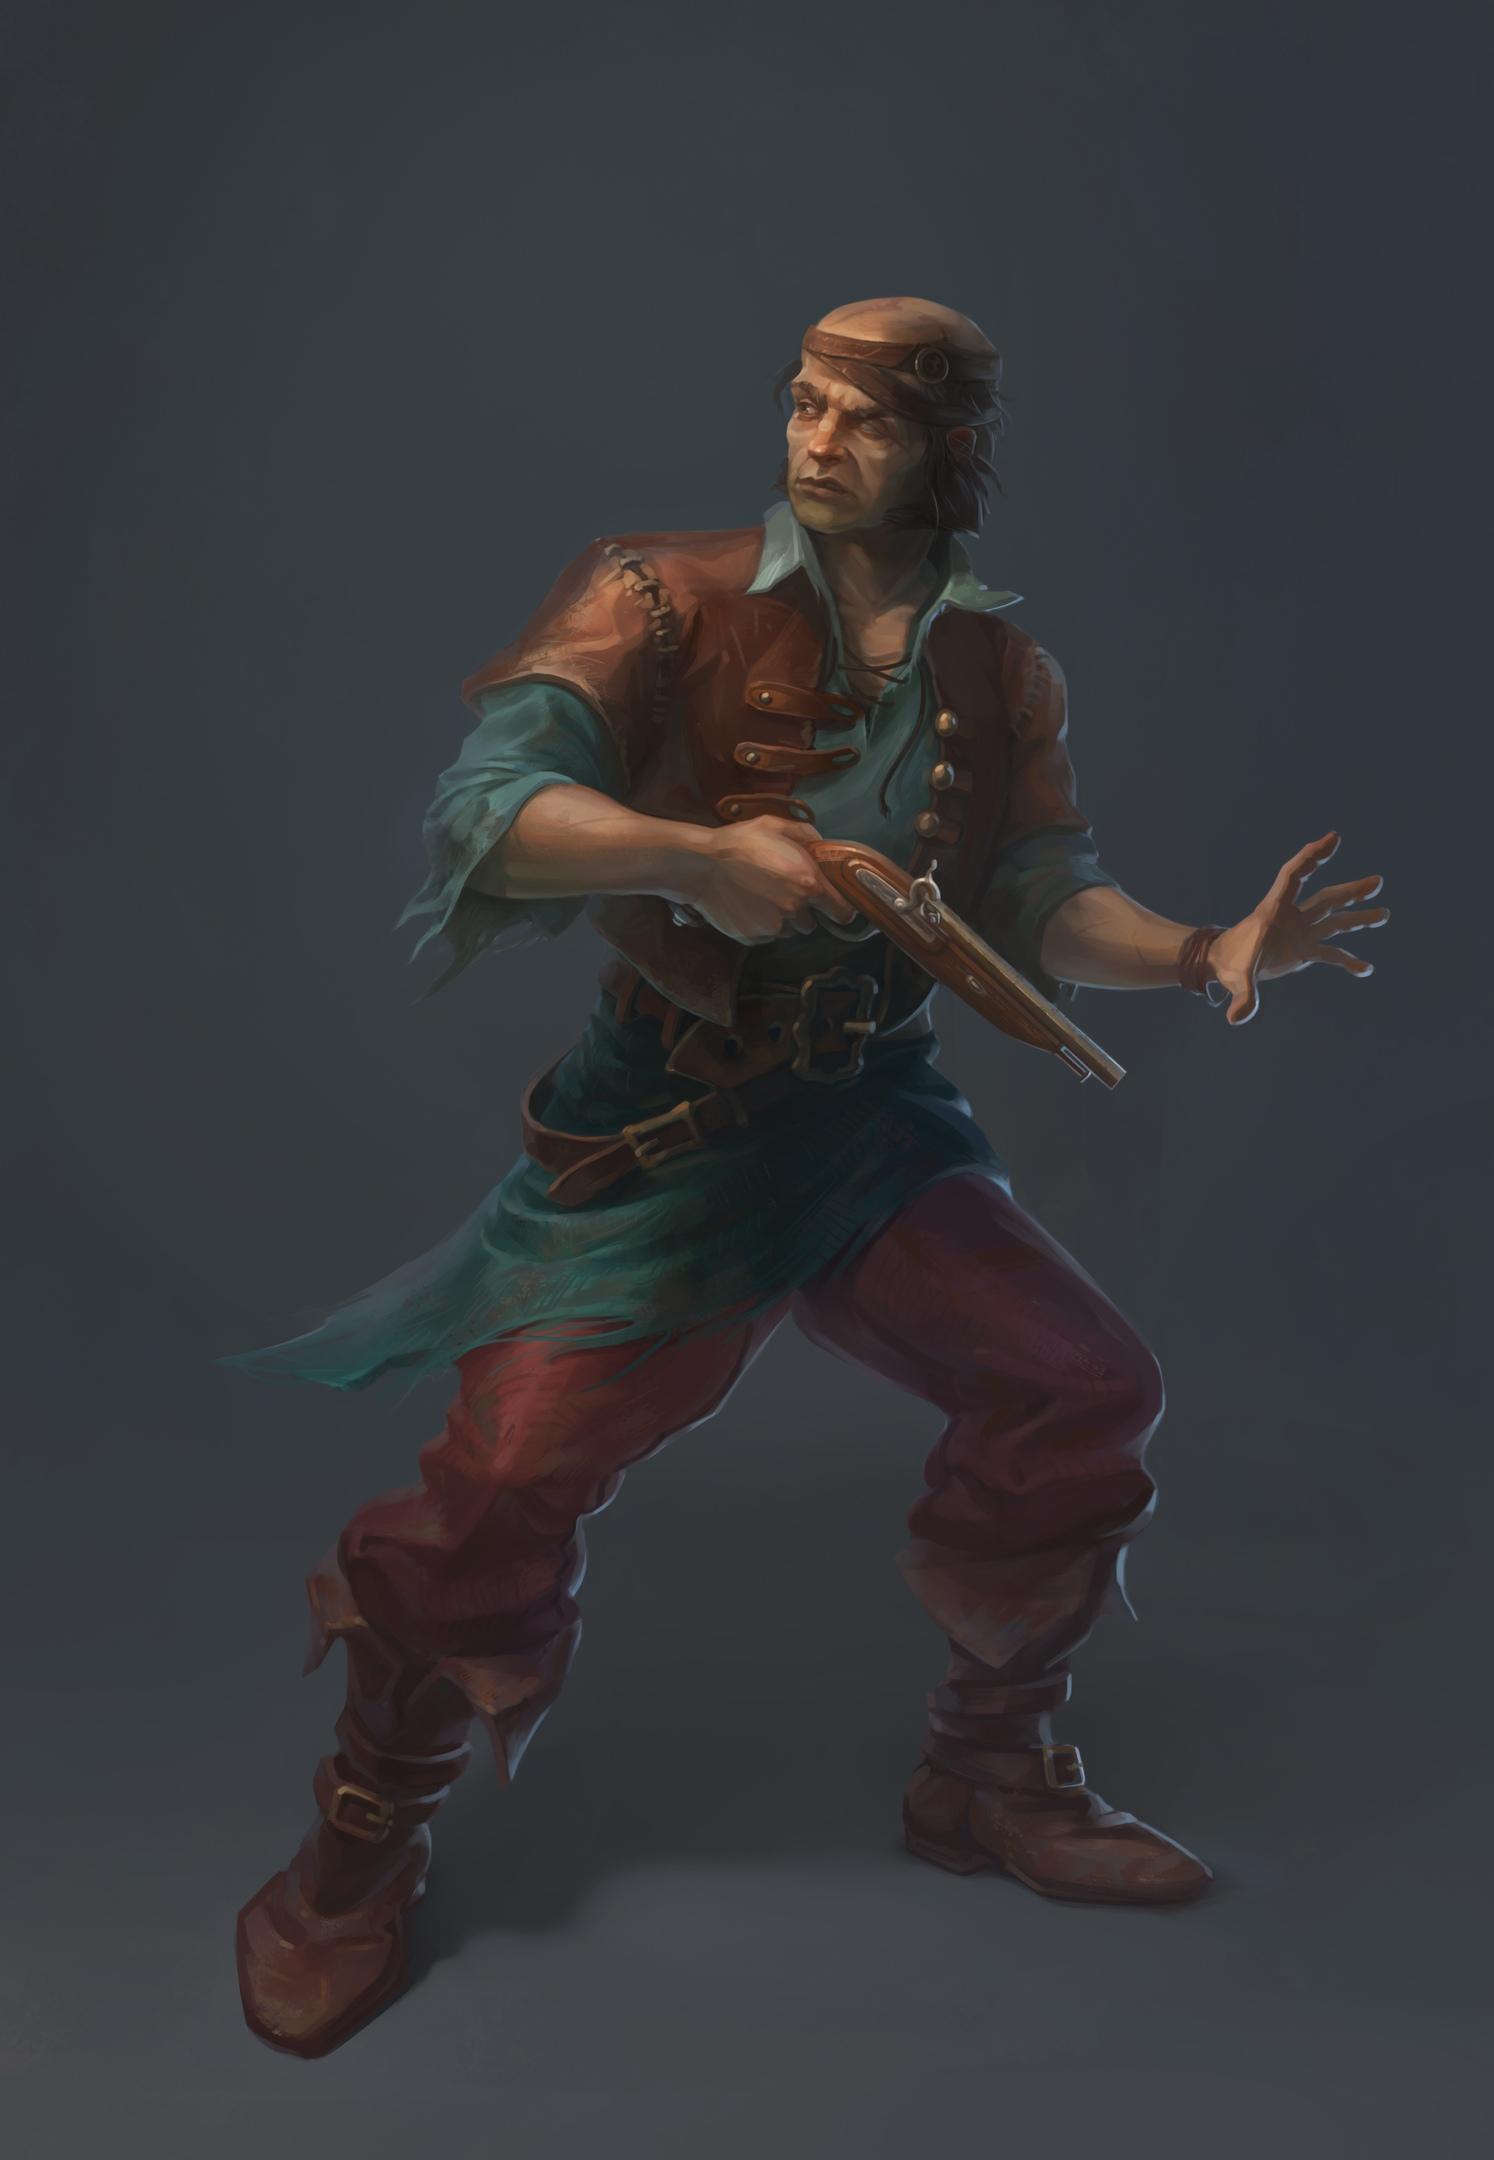 концепт пирата